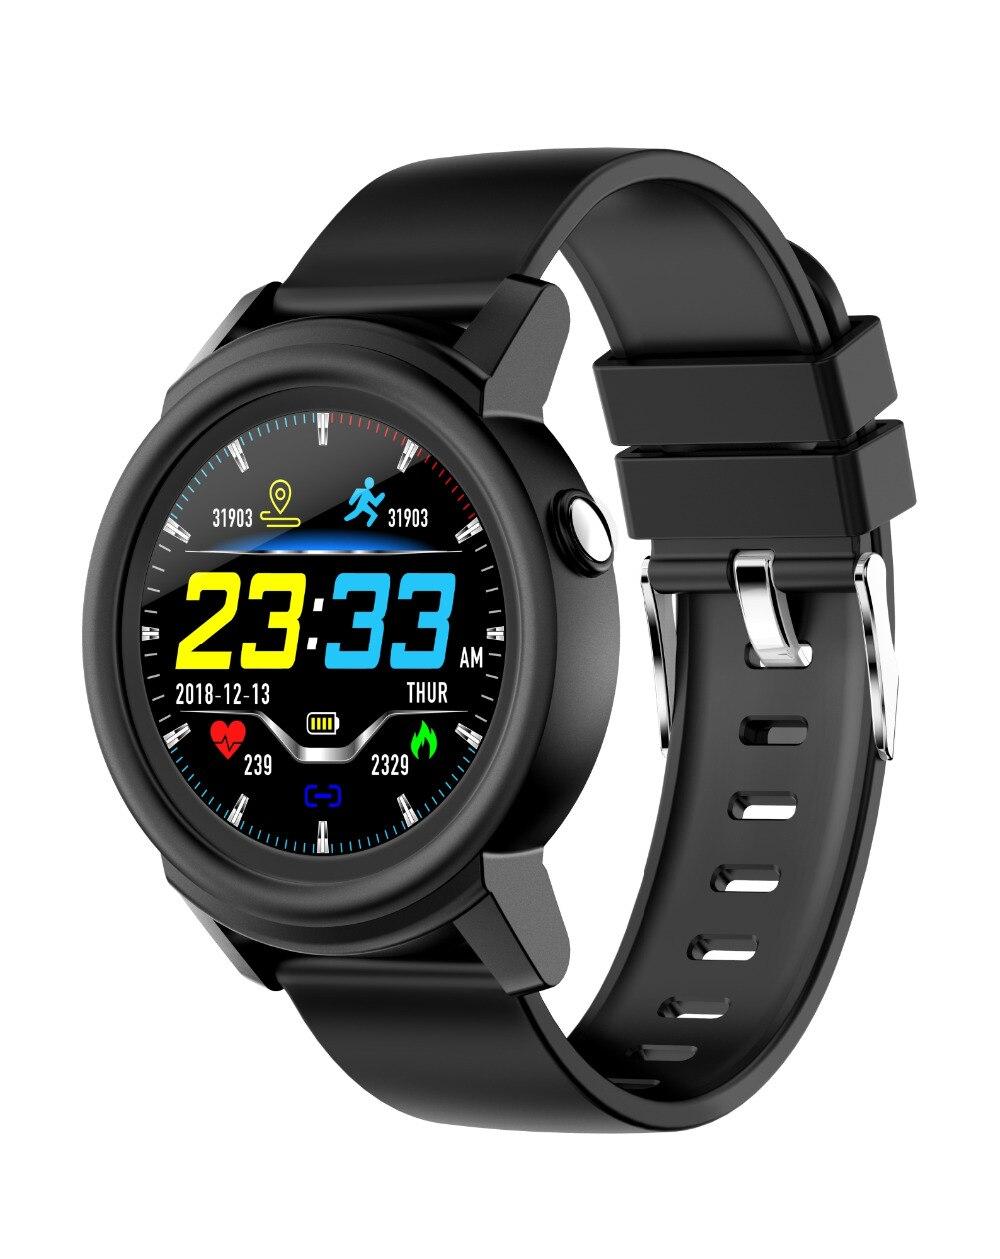 Delle donne degli uomini di smart watch DK02 impermeabile della vigilanza di frequenza cardiaca fitness contapassi tracker per Android IOS orologi sportivi PK Q8 Q1 DZ09